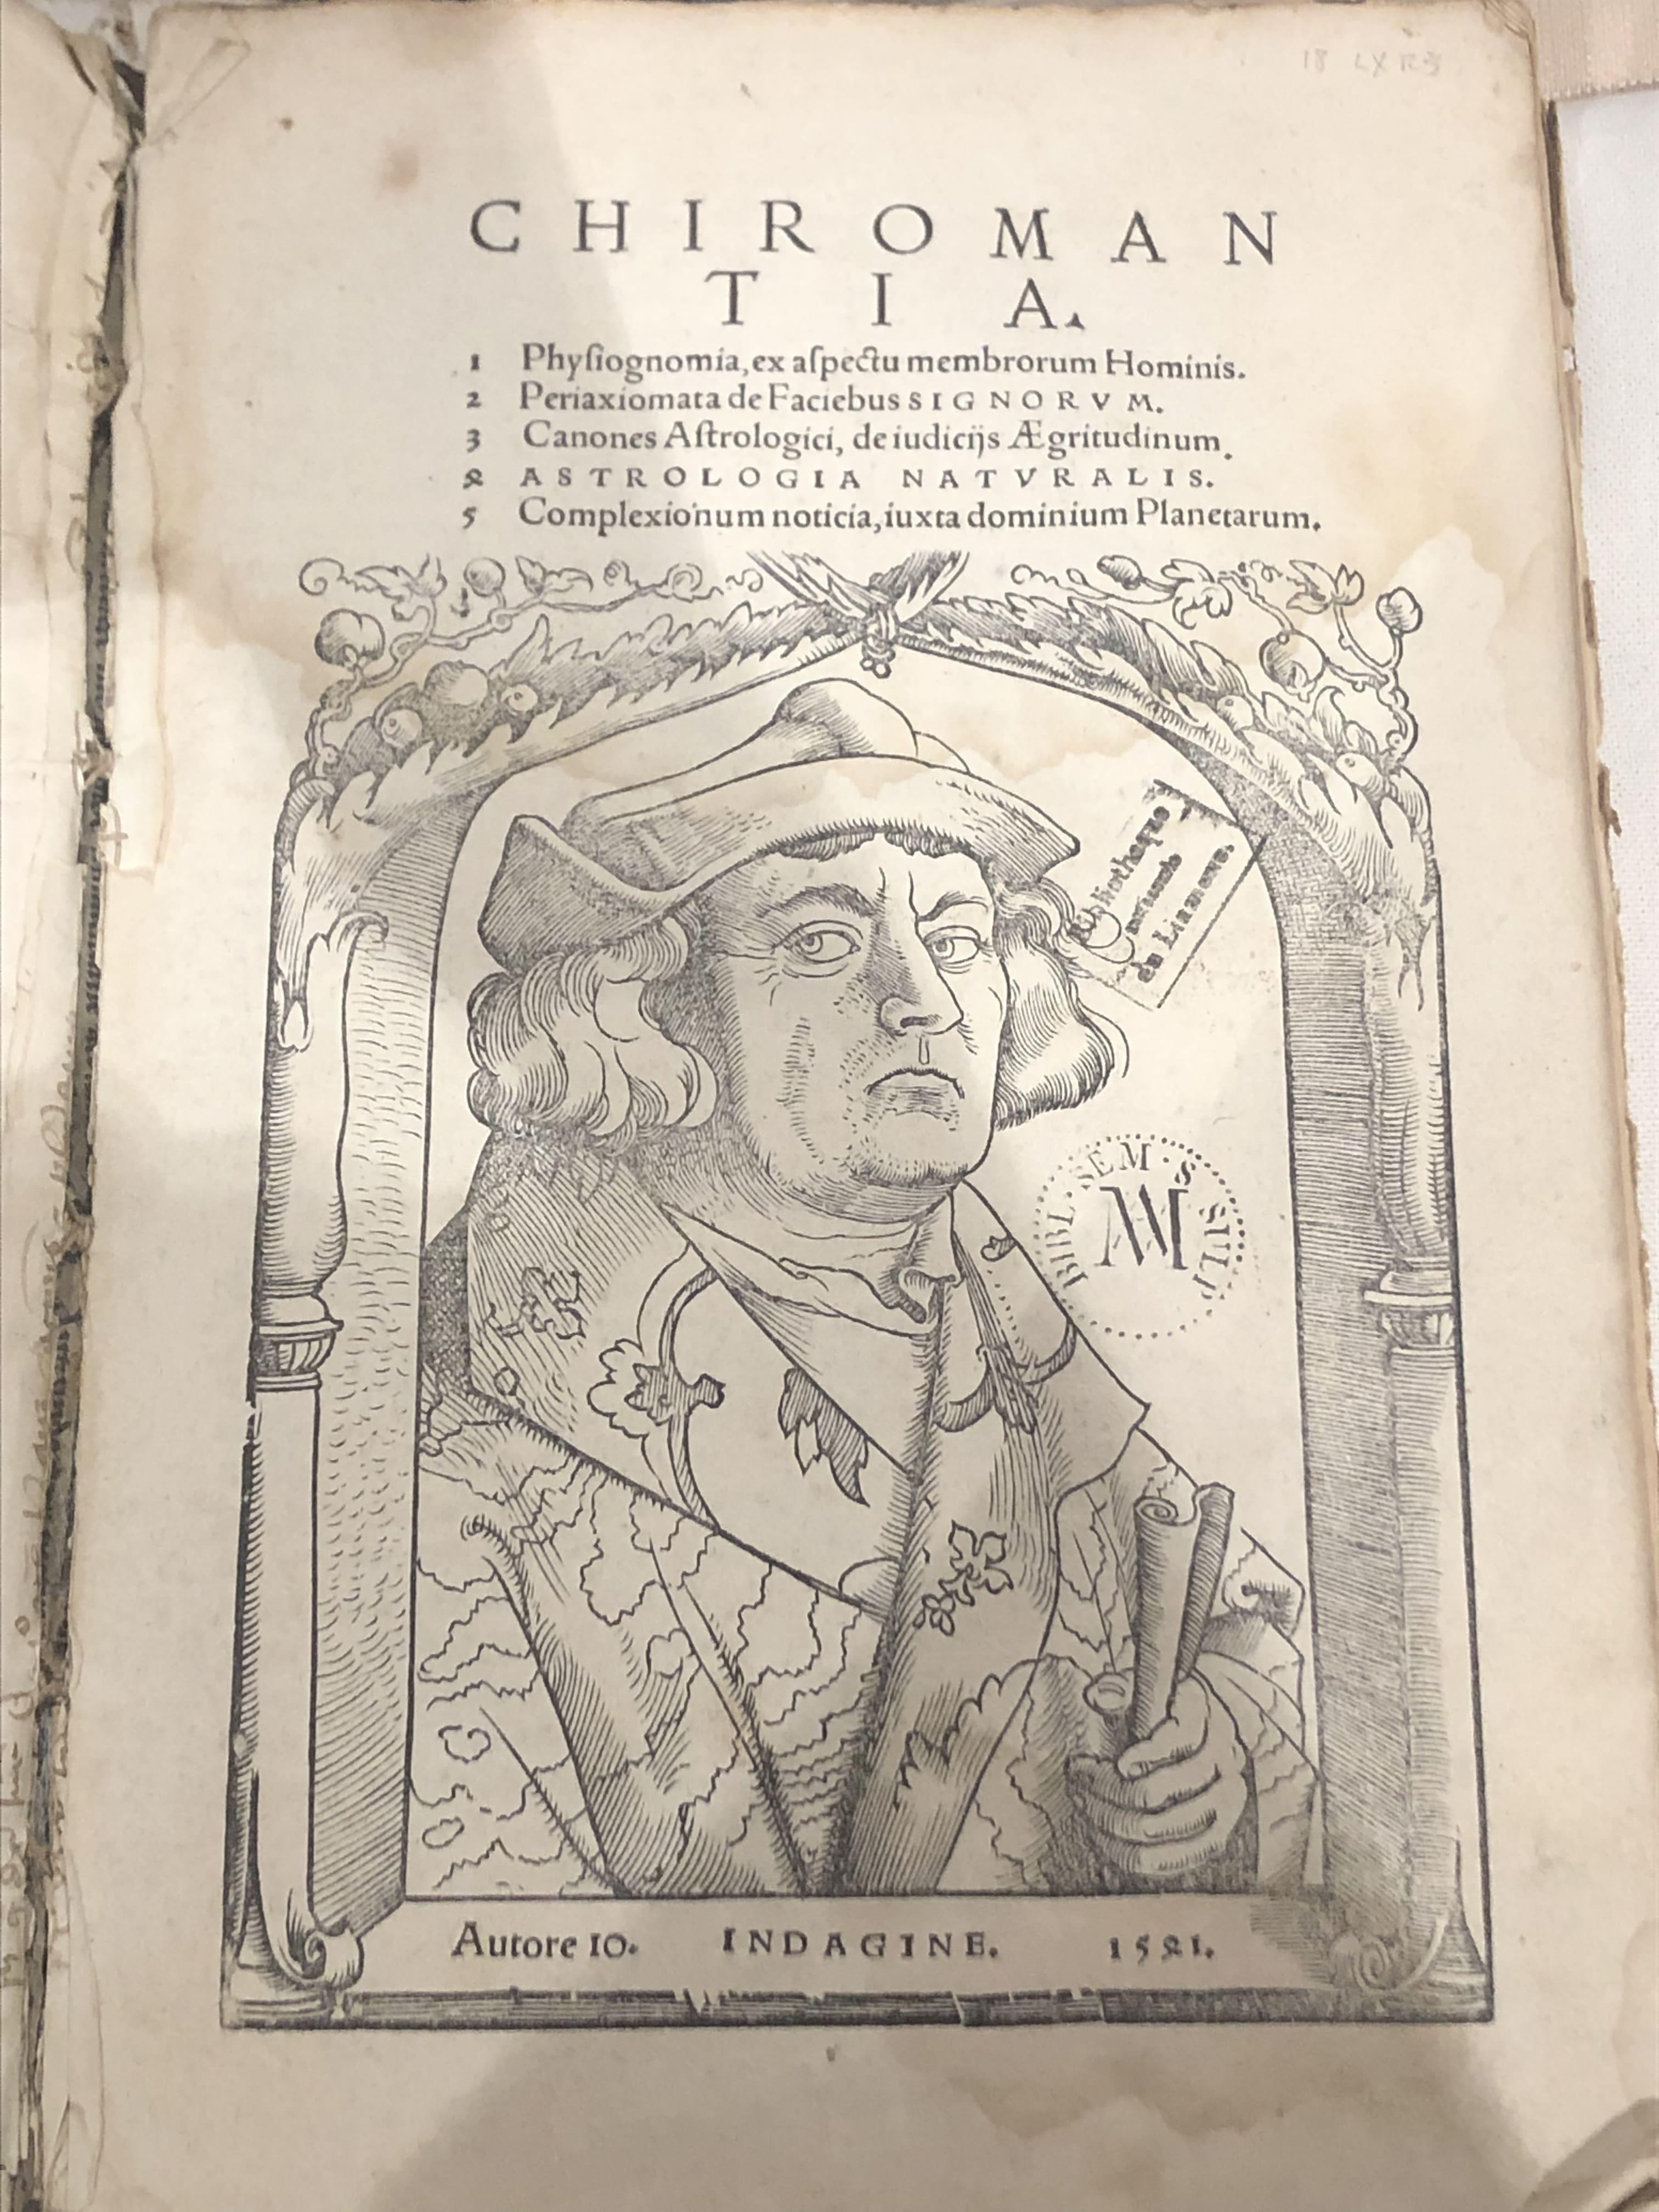 Chiromantie - Bibliothèque Fesch